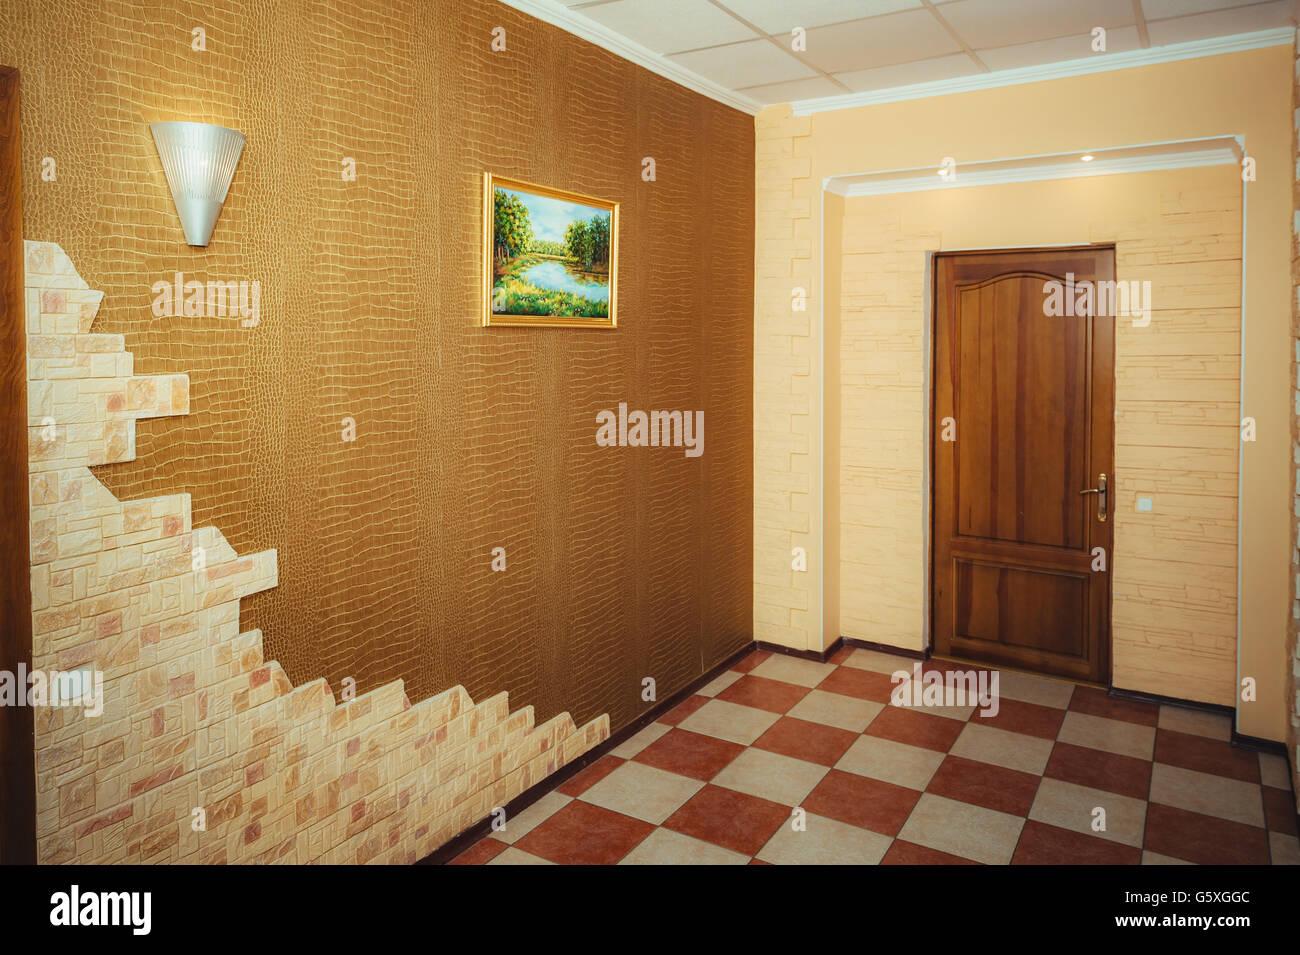 Ingresso dell appartamento grand design il corridoio e la porta